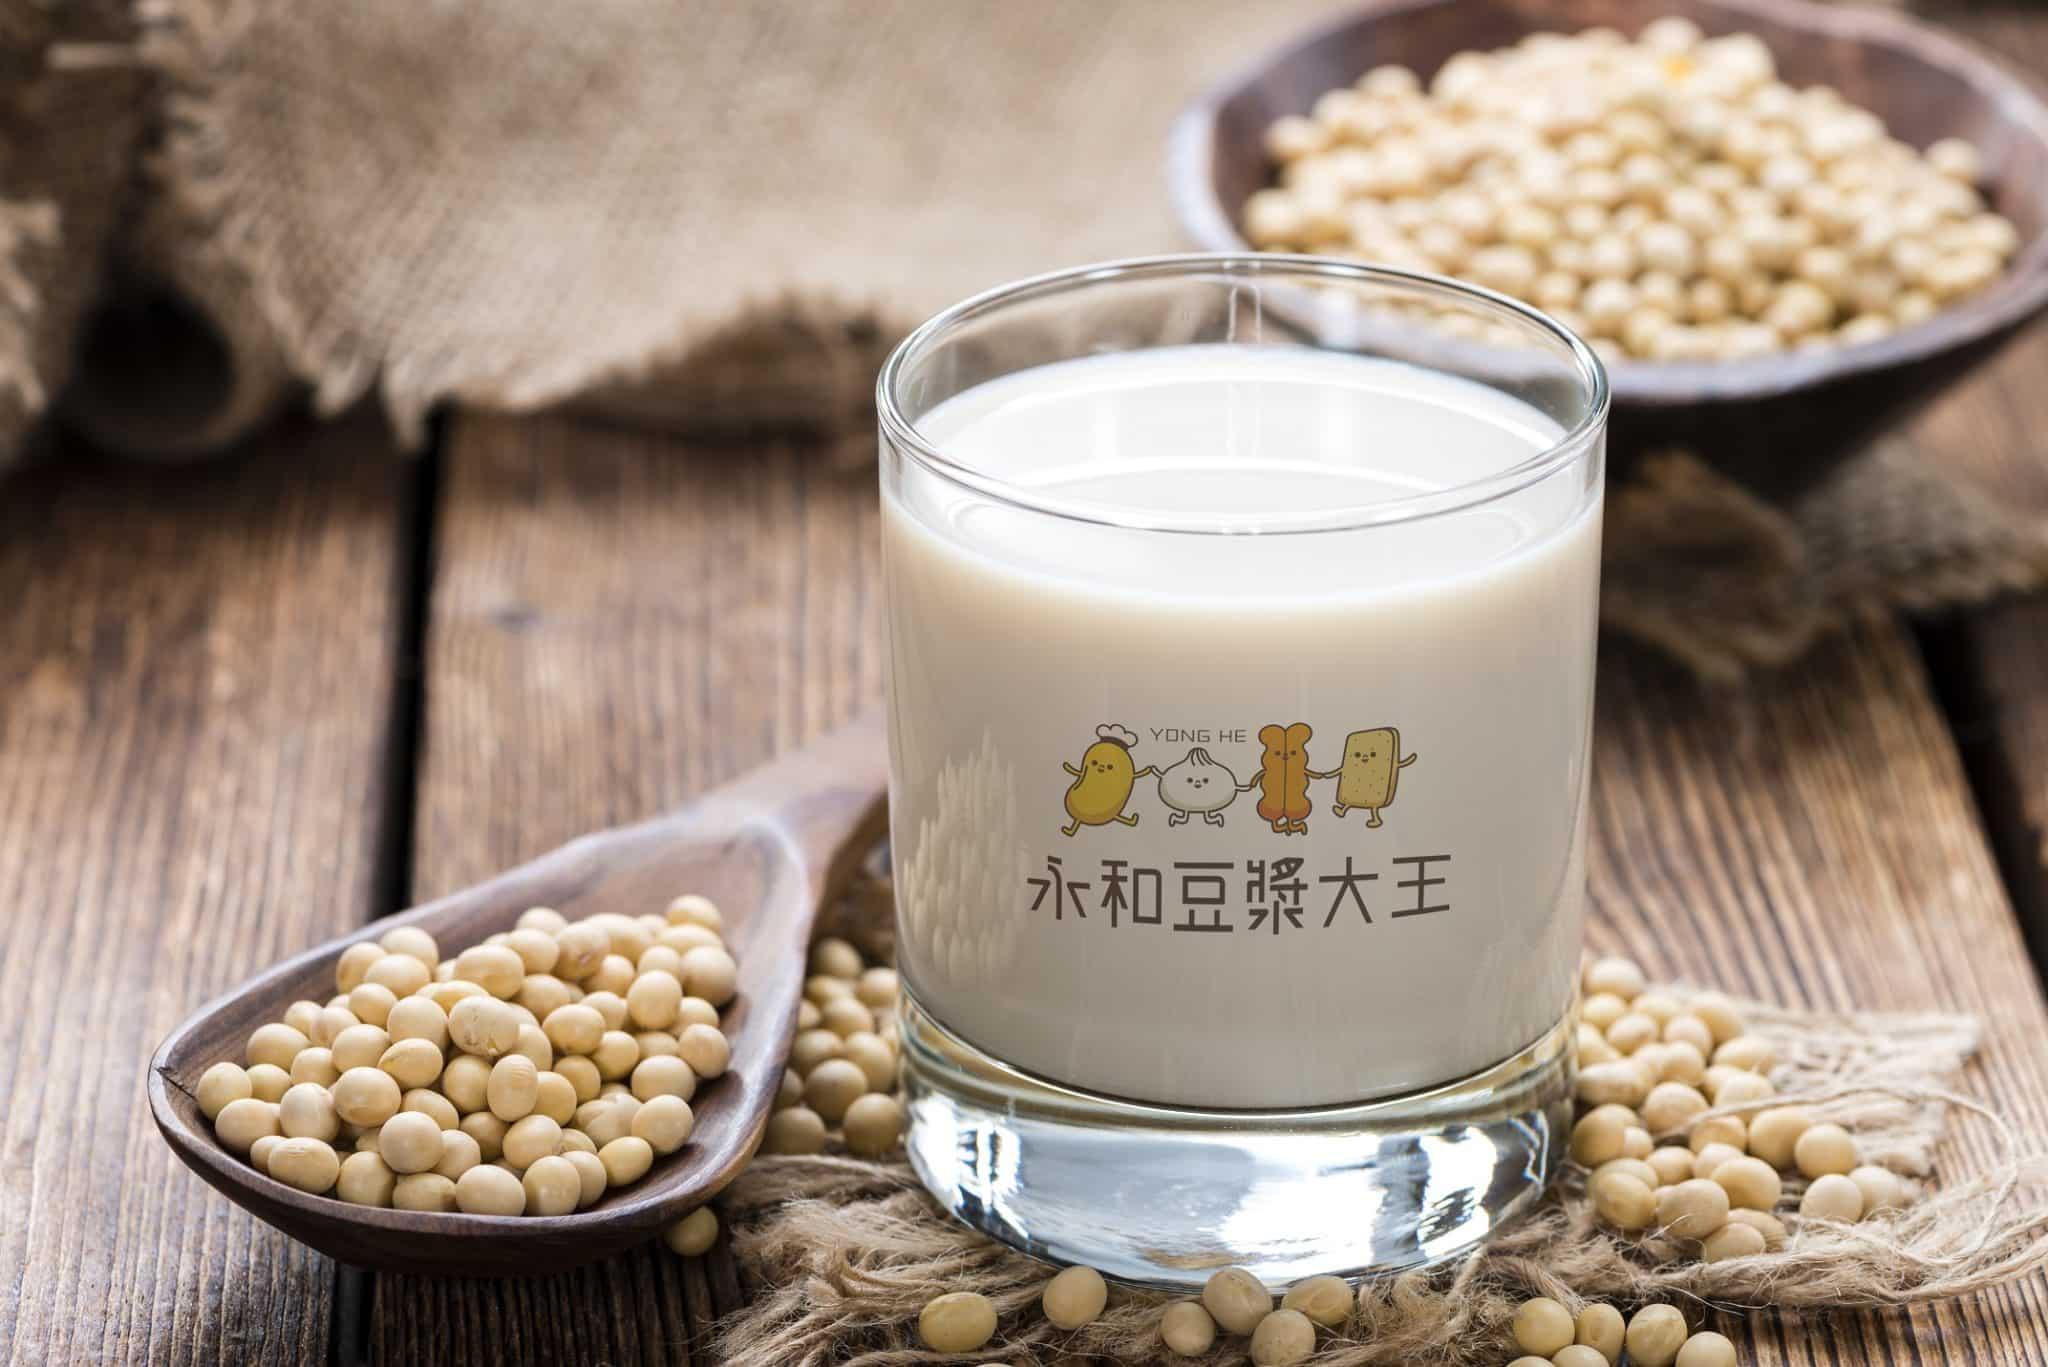 永和豆漿大王 LOGO設計 形象設計 品牌設計 商標設計